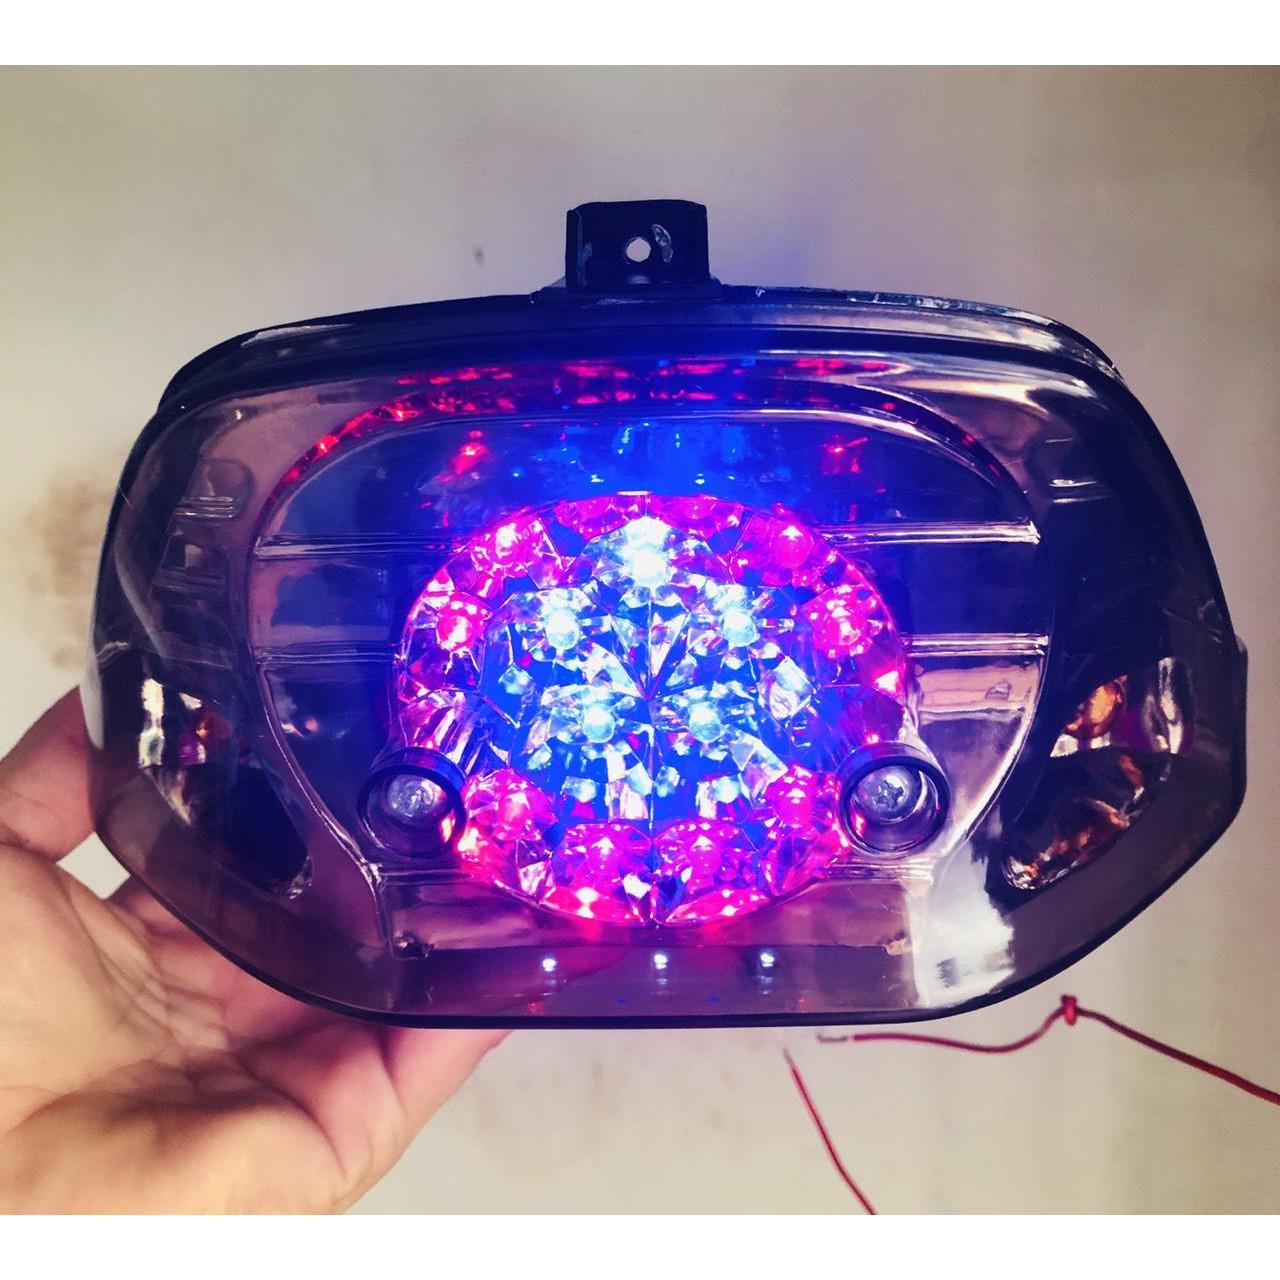 đèn hậu kiểu dành cho xe dream